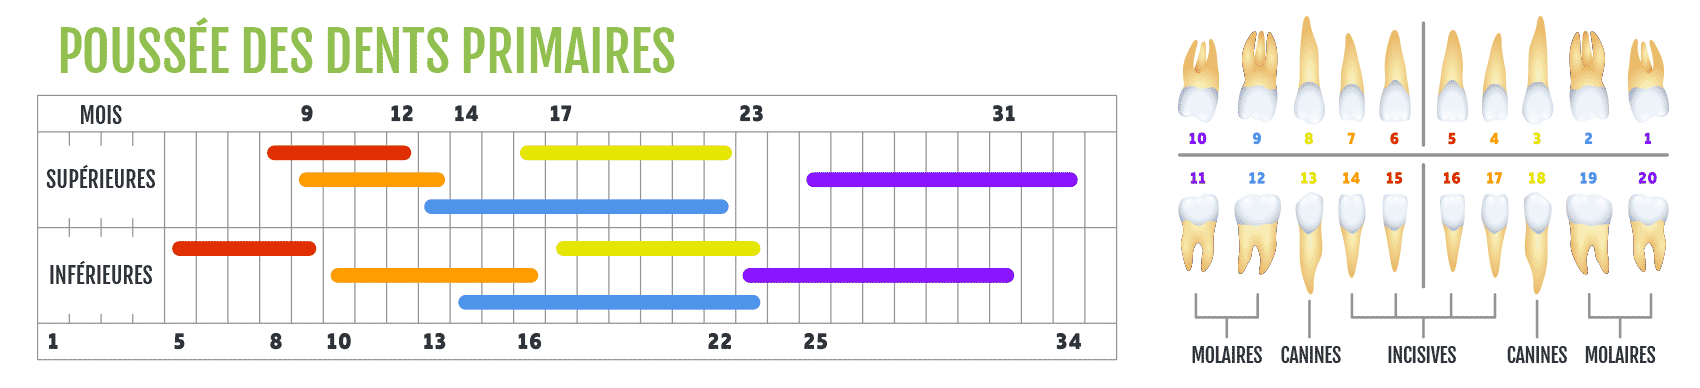 calendrier de poussée des dents primares